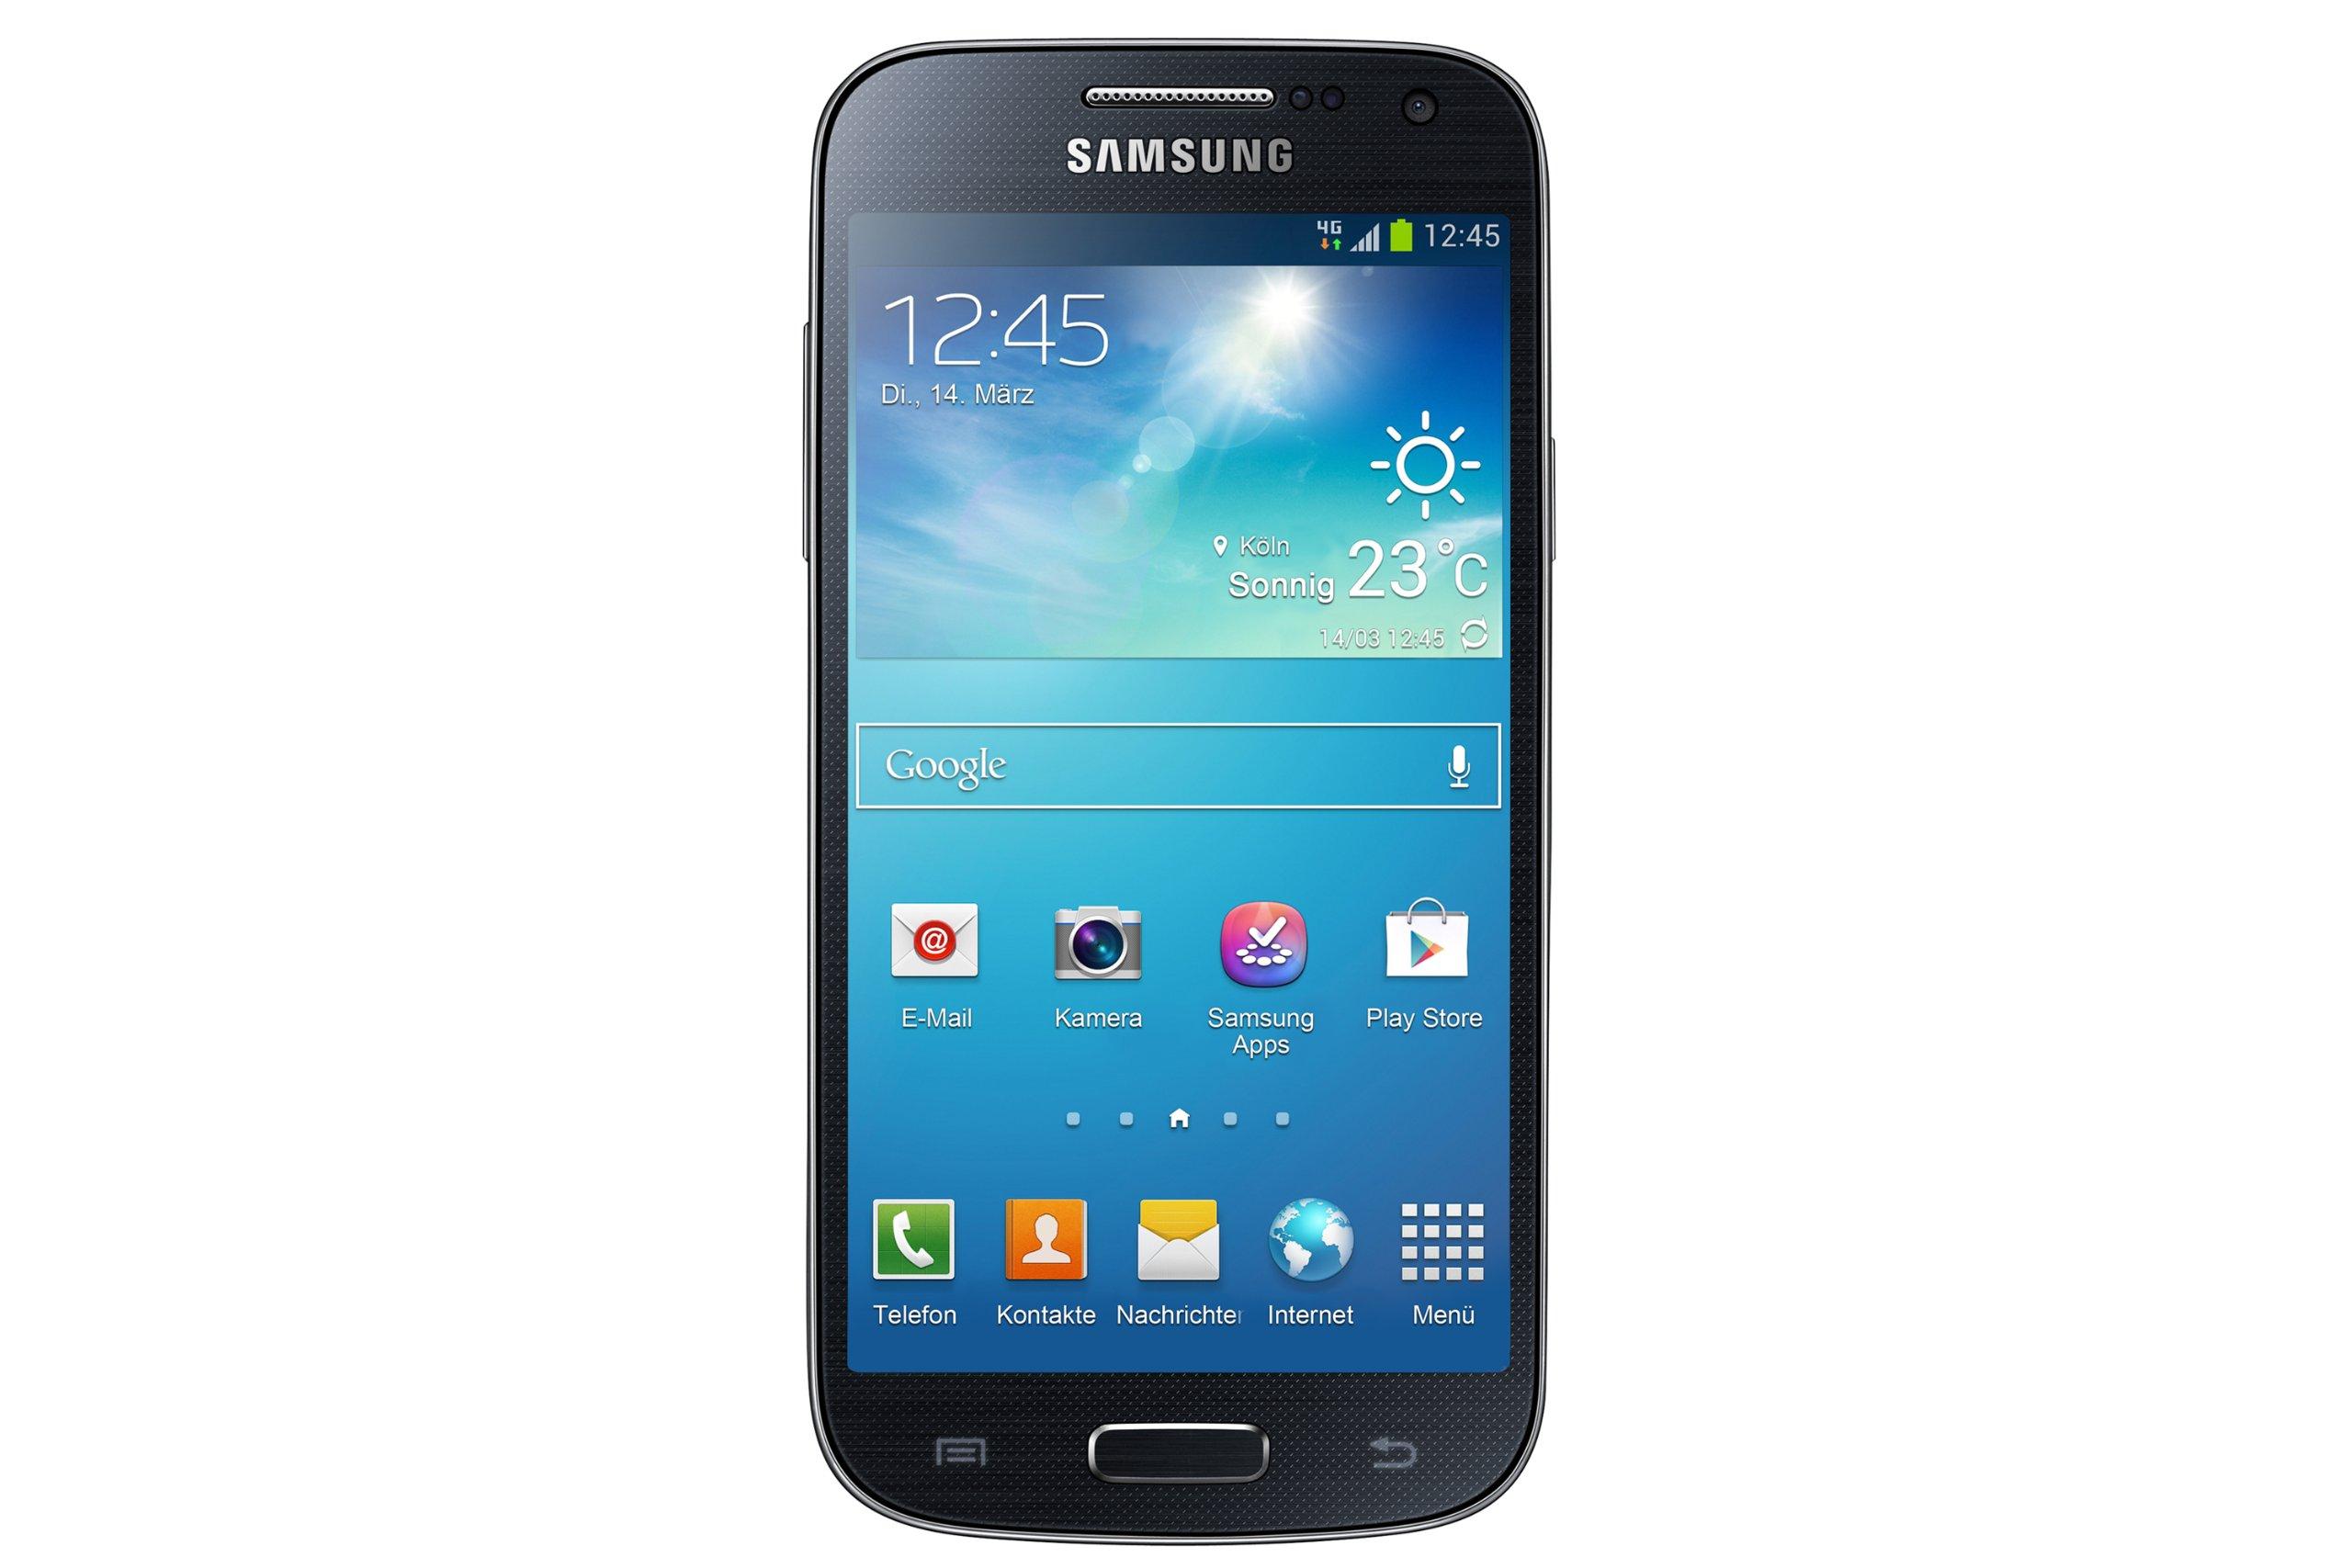 galaxys4mini_samsung galaxy s4 mini gt-i9195 8gb-unlocked international